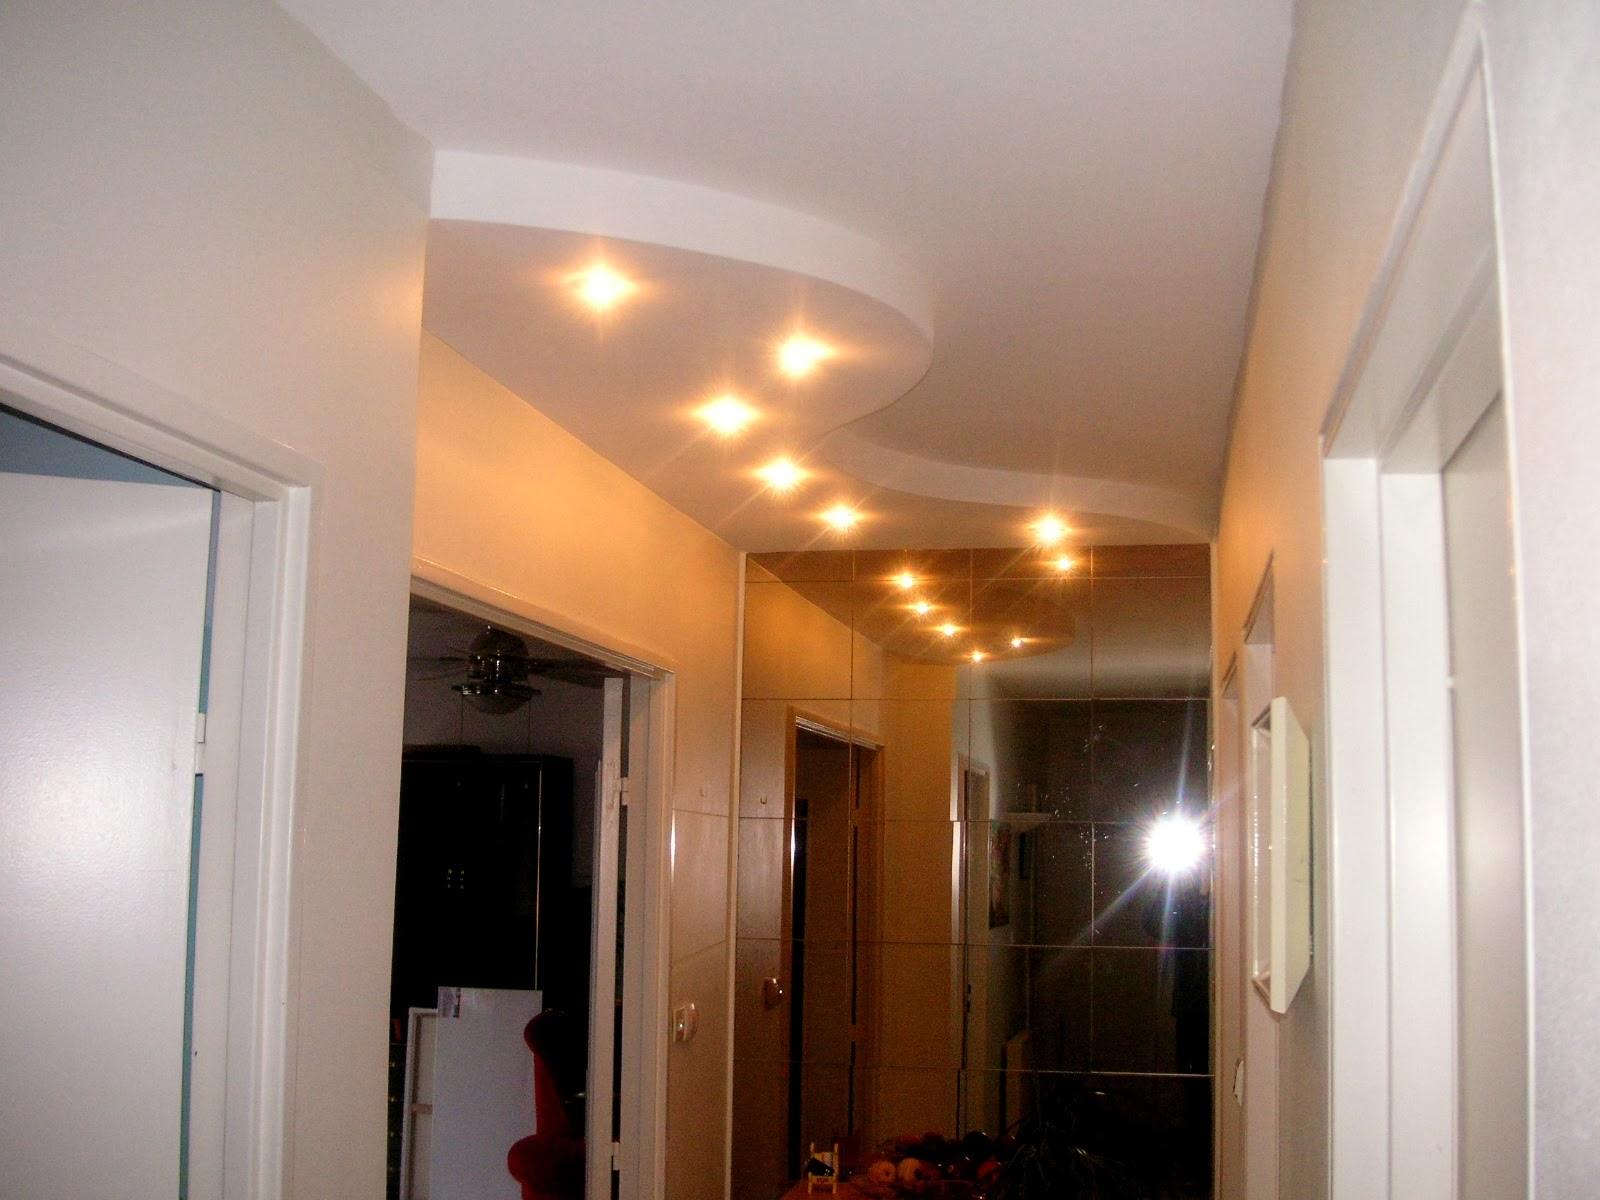 Faux plafond avec 6 spots d coration platre maroc faux plafond dalle arc platre - Decor platre pour cuisine ...